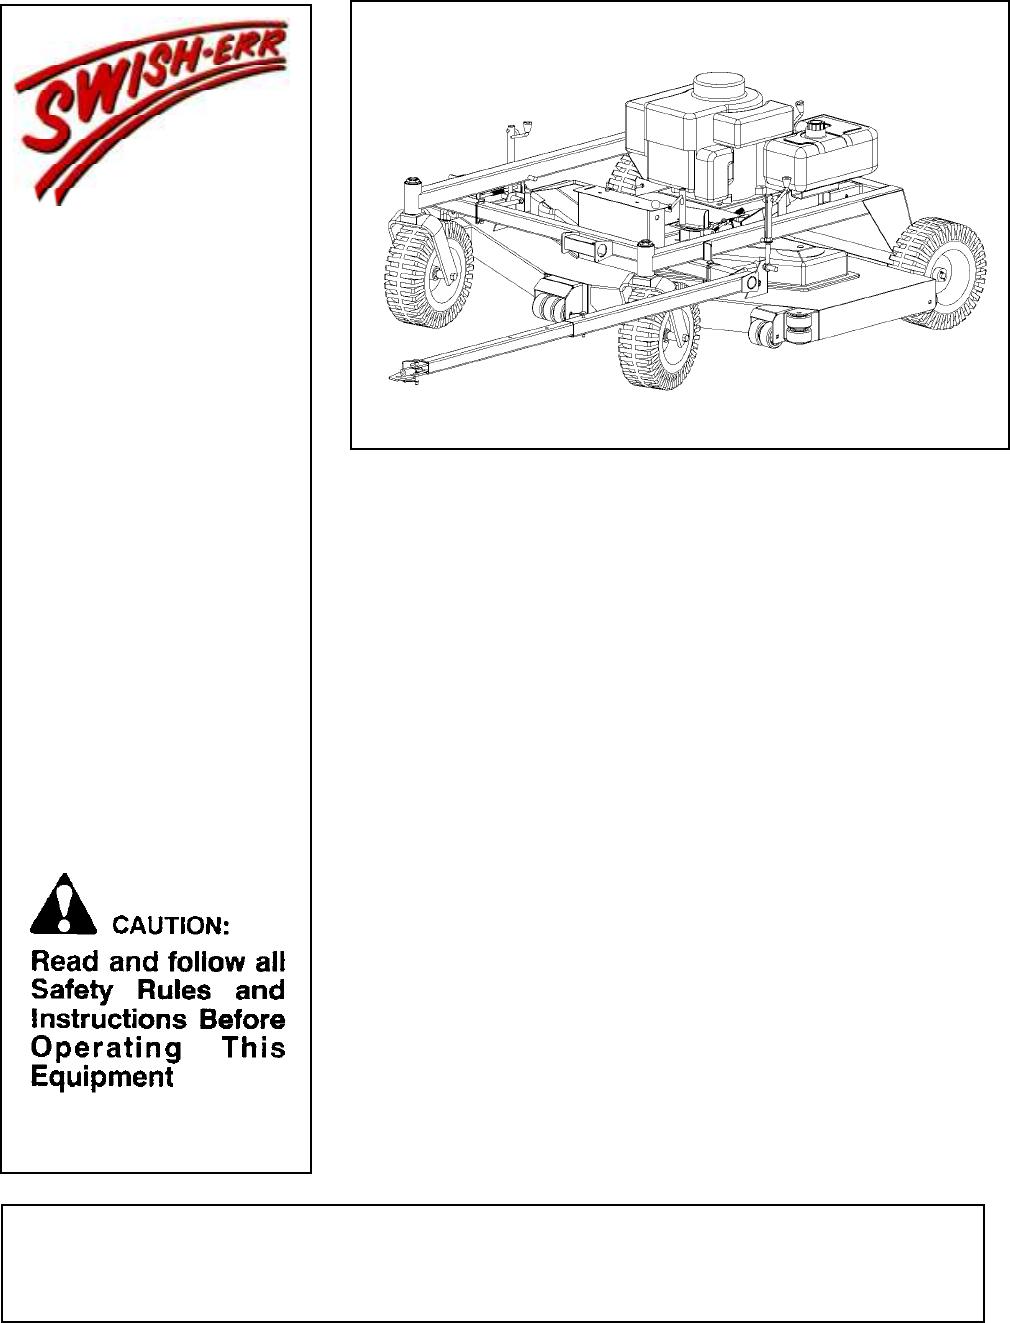 swisher lawn mower t1260  t1360 user guide manualsonline com swisher trail mower manual swisher 44 trail mower manual